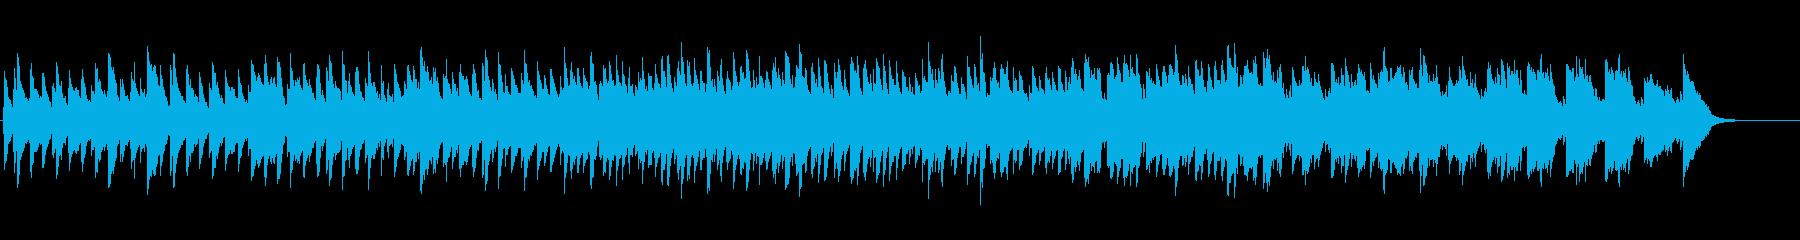 ショパンのマズルカのイメージのオリジナルの再生済みの波形